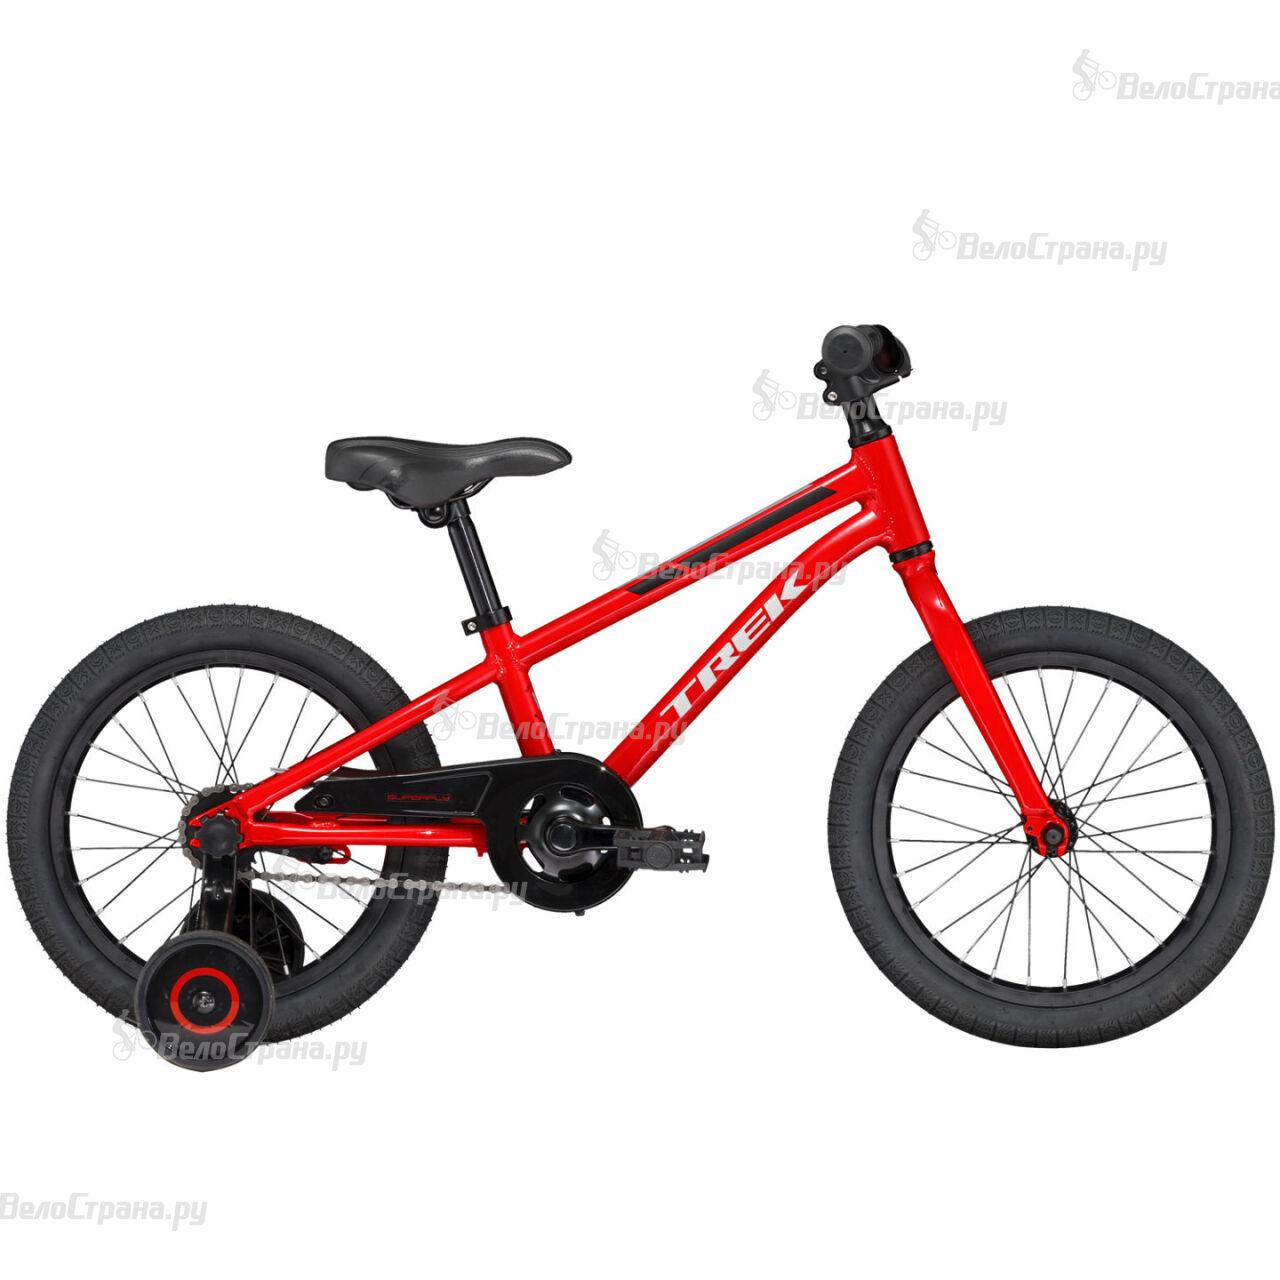 Велосипед Trek Superfly 16 (2017)